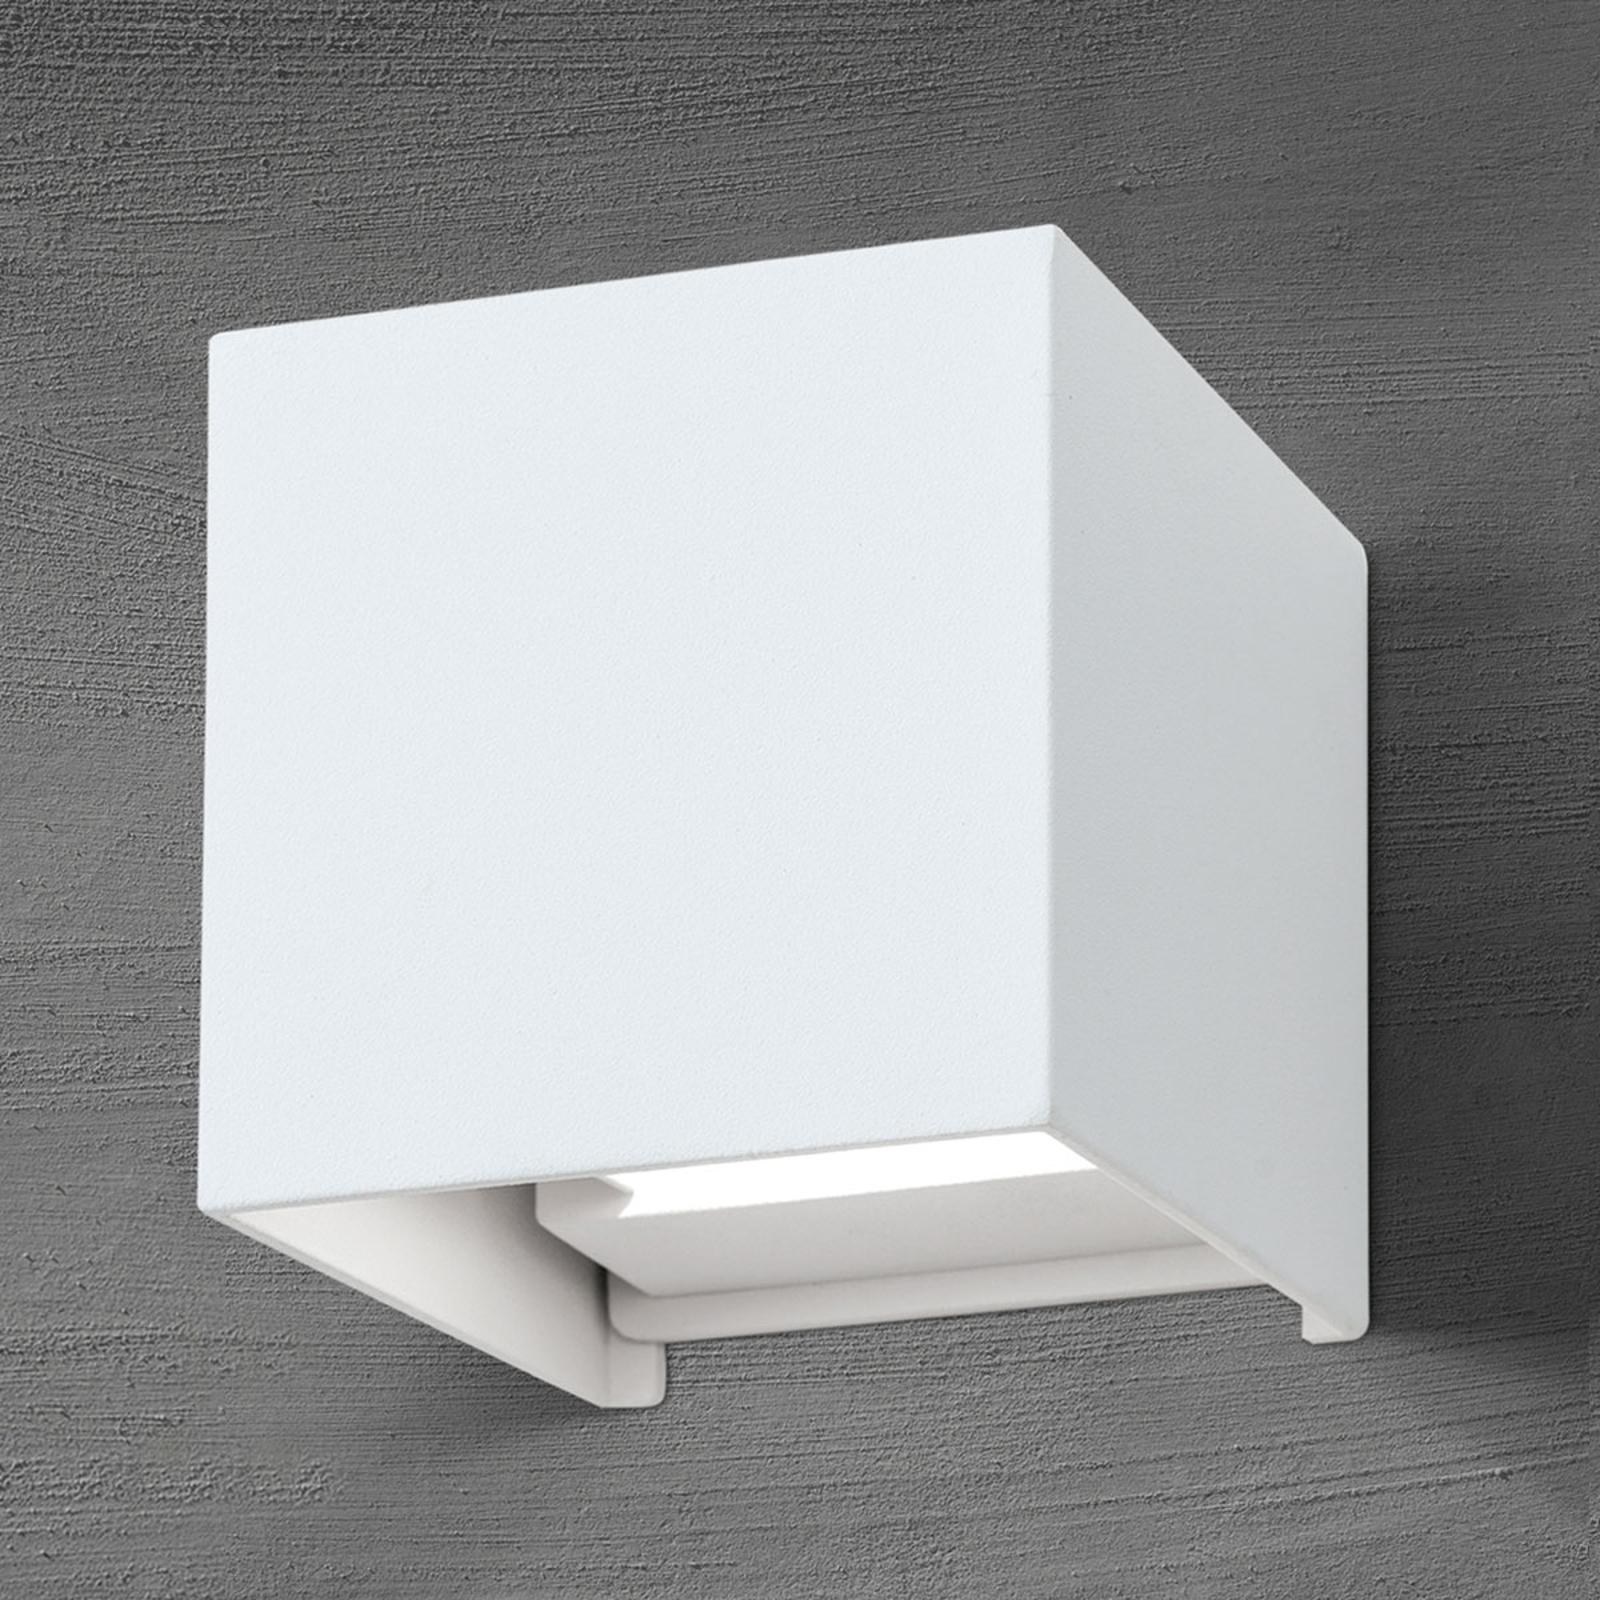 Applique d'extérieur LED cubique Cube blanche